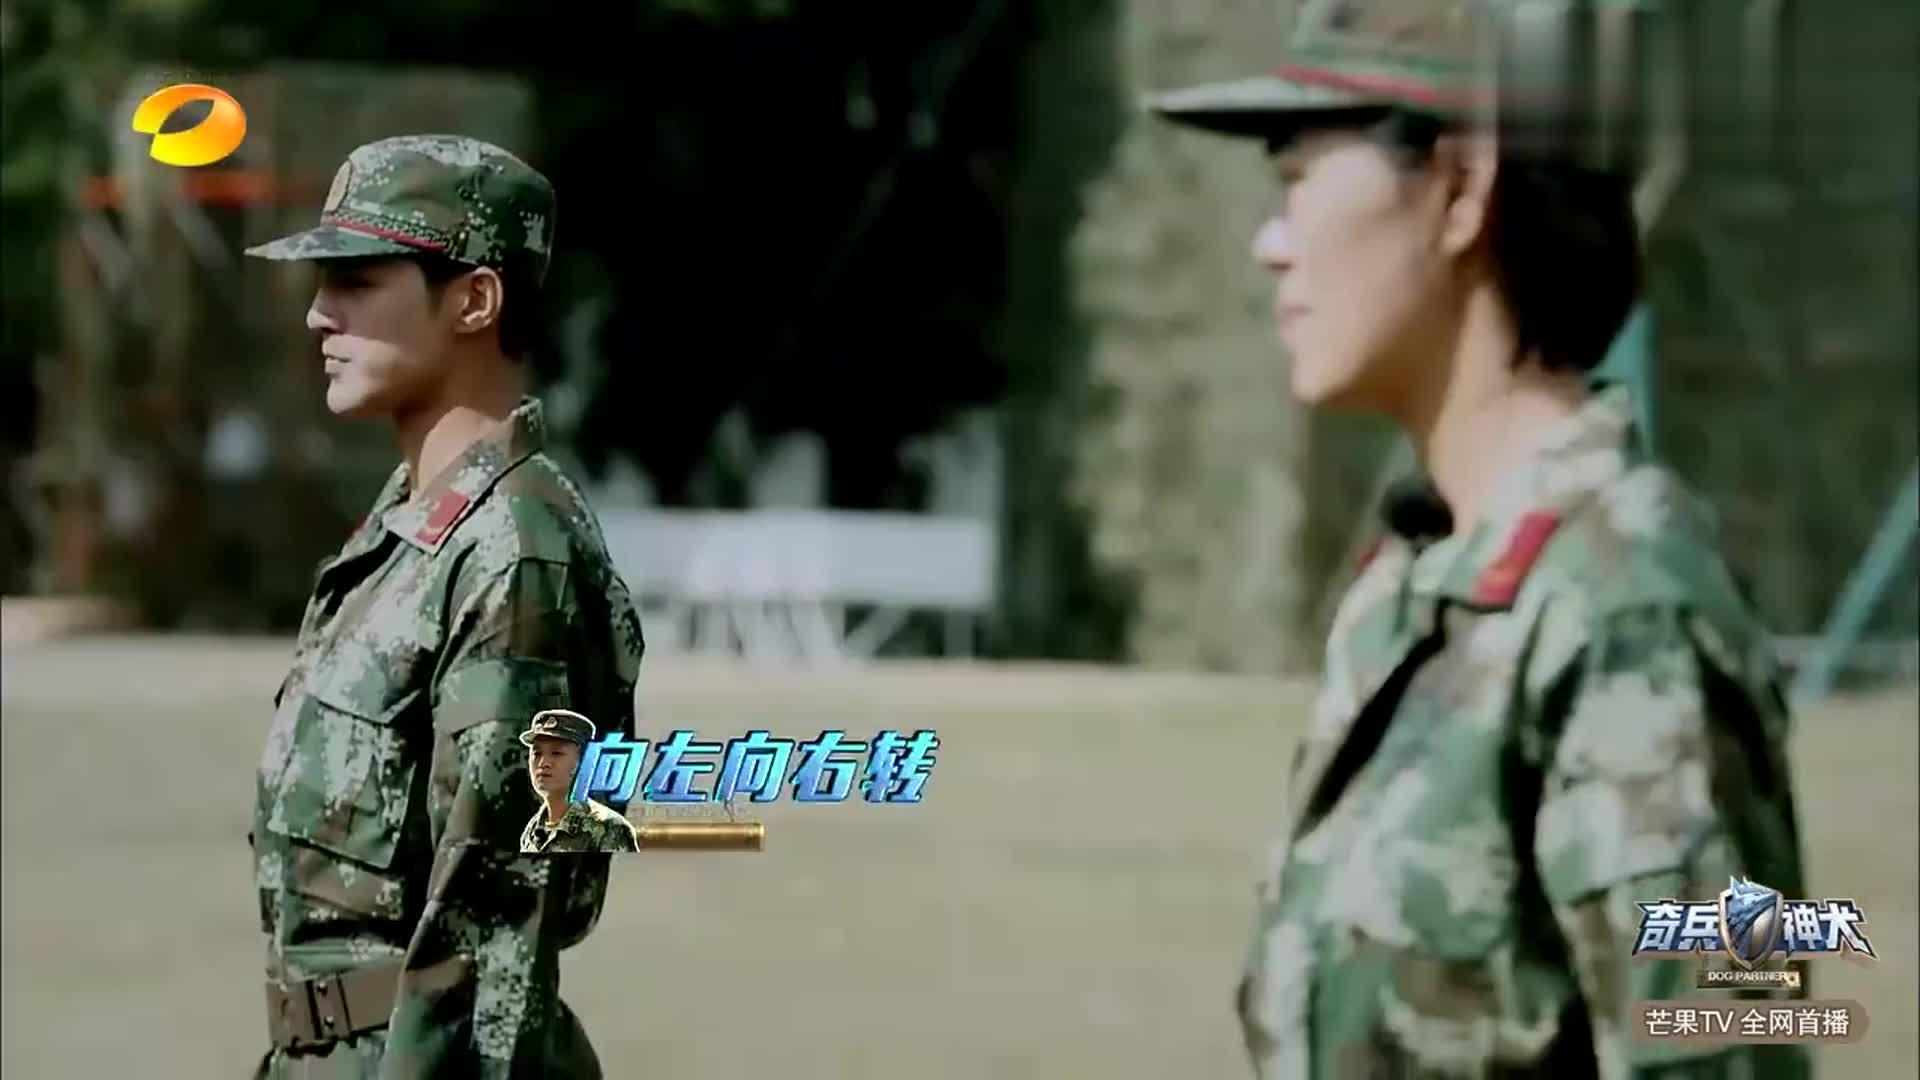 奇兵神犬-姜潮现场表白教官,惊呆张馨予,真是神仙操作啊!